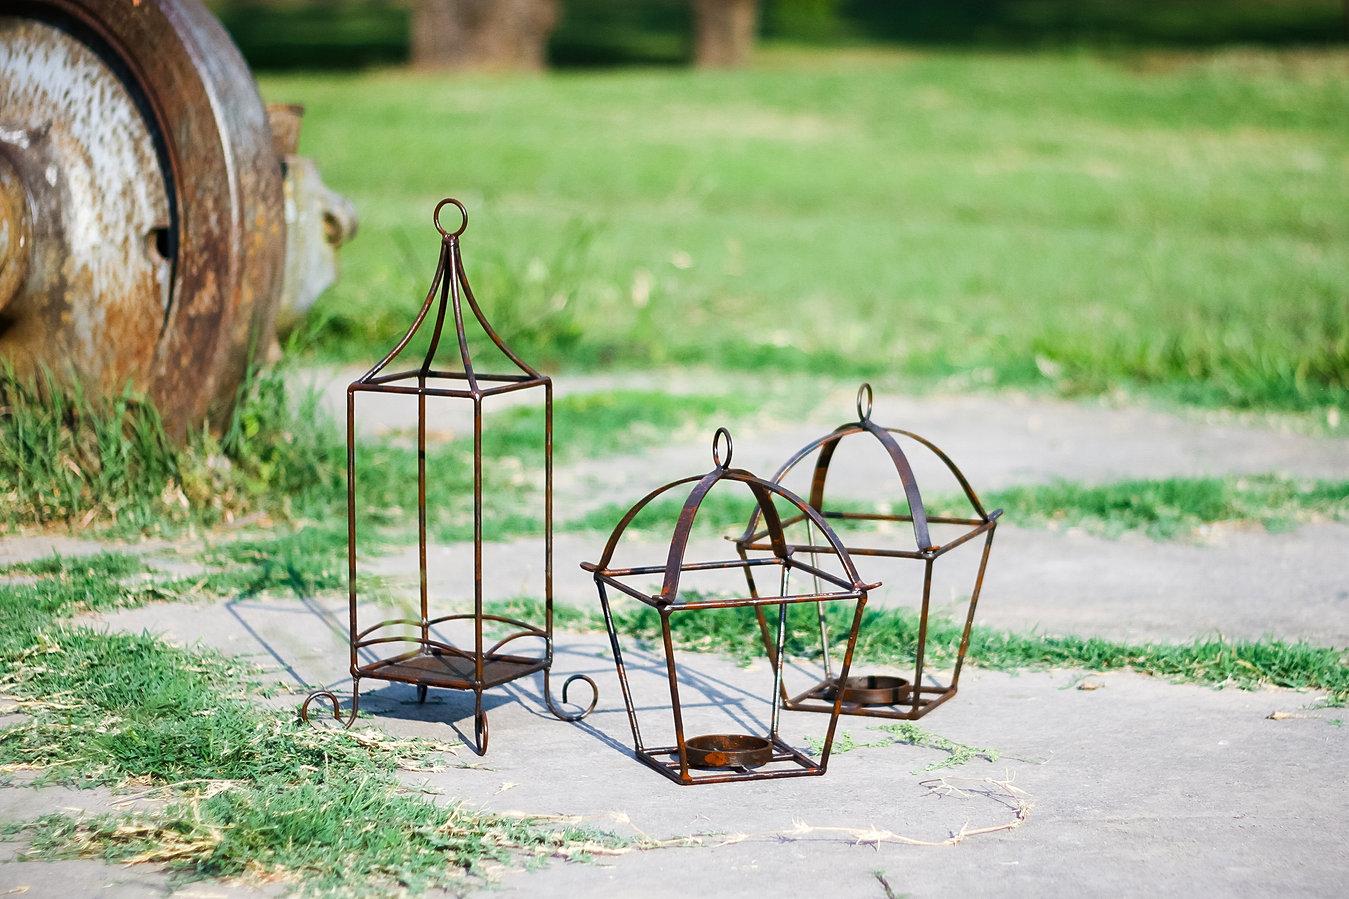 Imagina en hierro fabricaci n de adornos y muebles de for Sillas para jardin de herreria